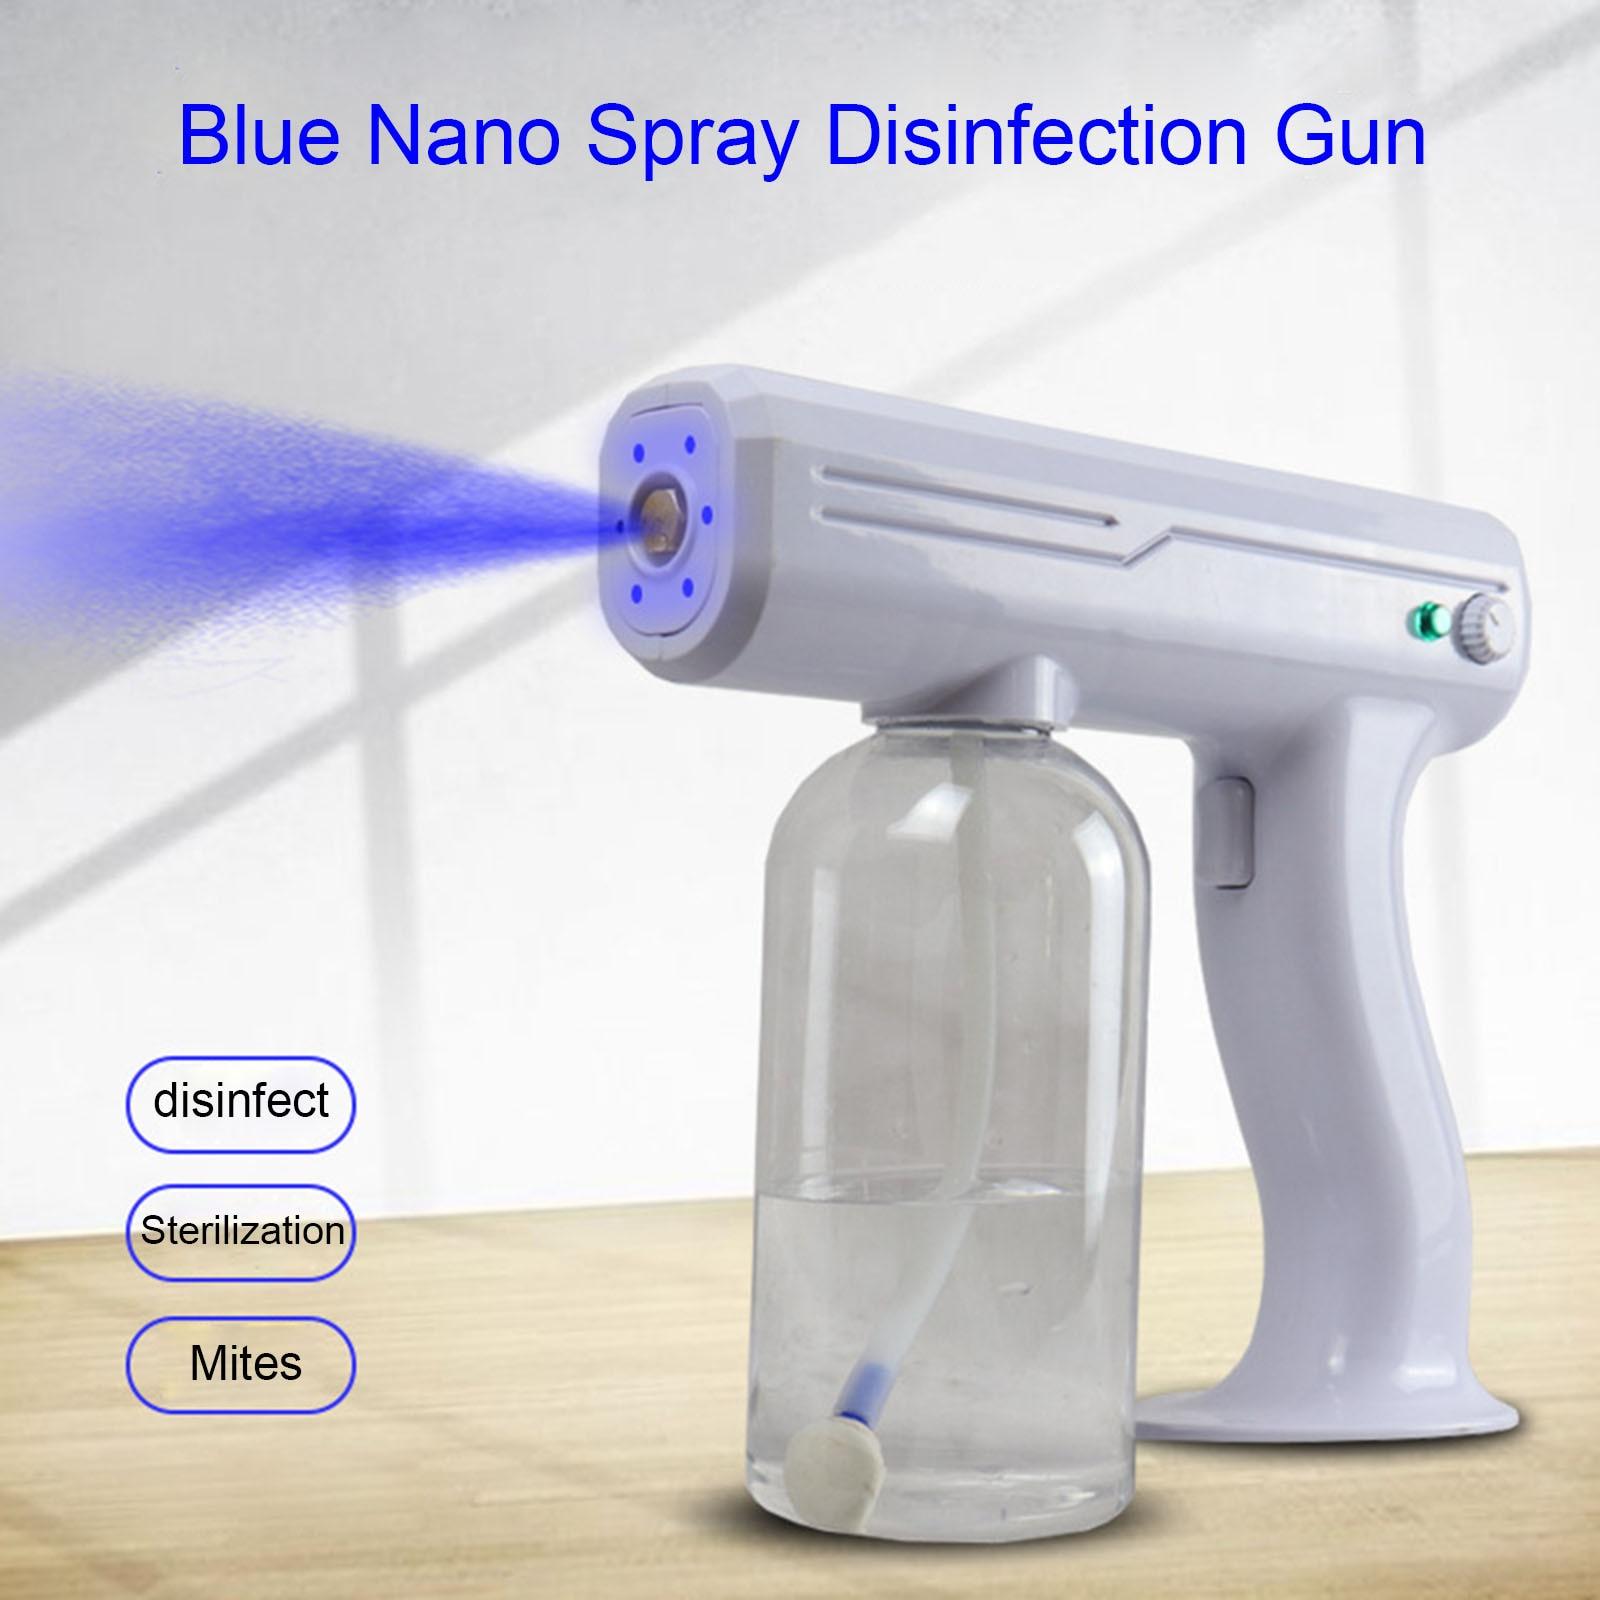 Перезаряжаемый электростатический аккумулятор туман машина портативный распылитель пистолет беспроводной зарядка нано синий луч распылитель офис школа